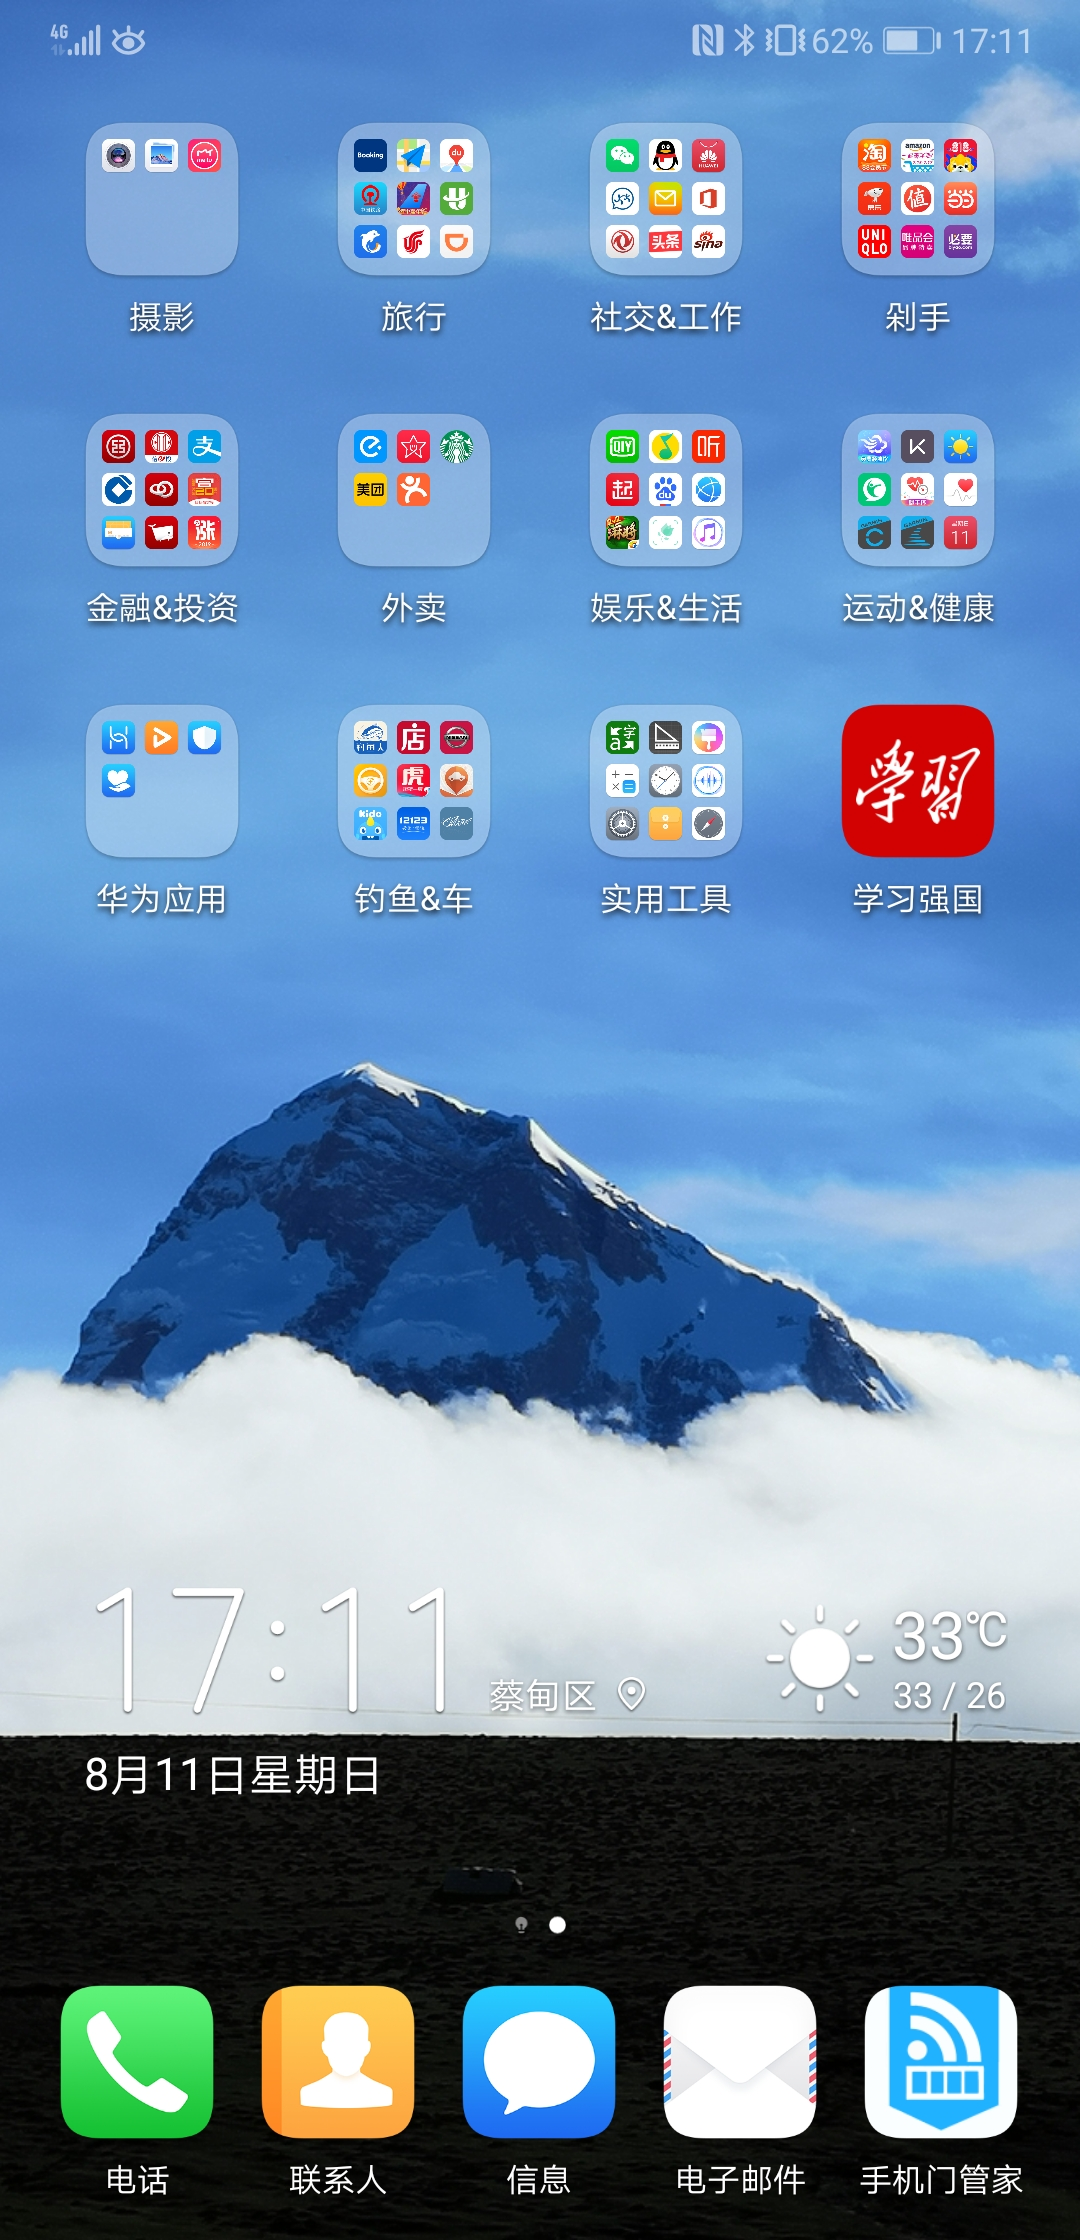 Screenshot_20190811_171148_com.huawei.android.launcher.jpg